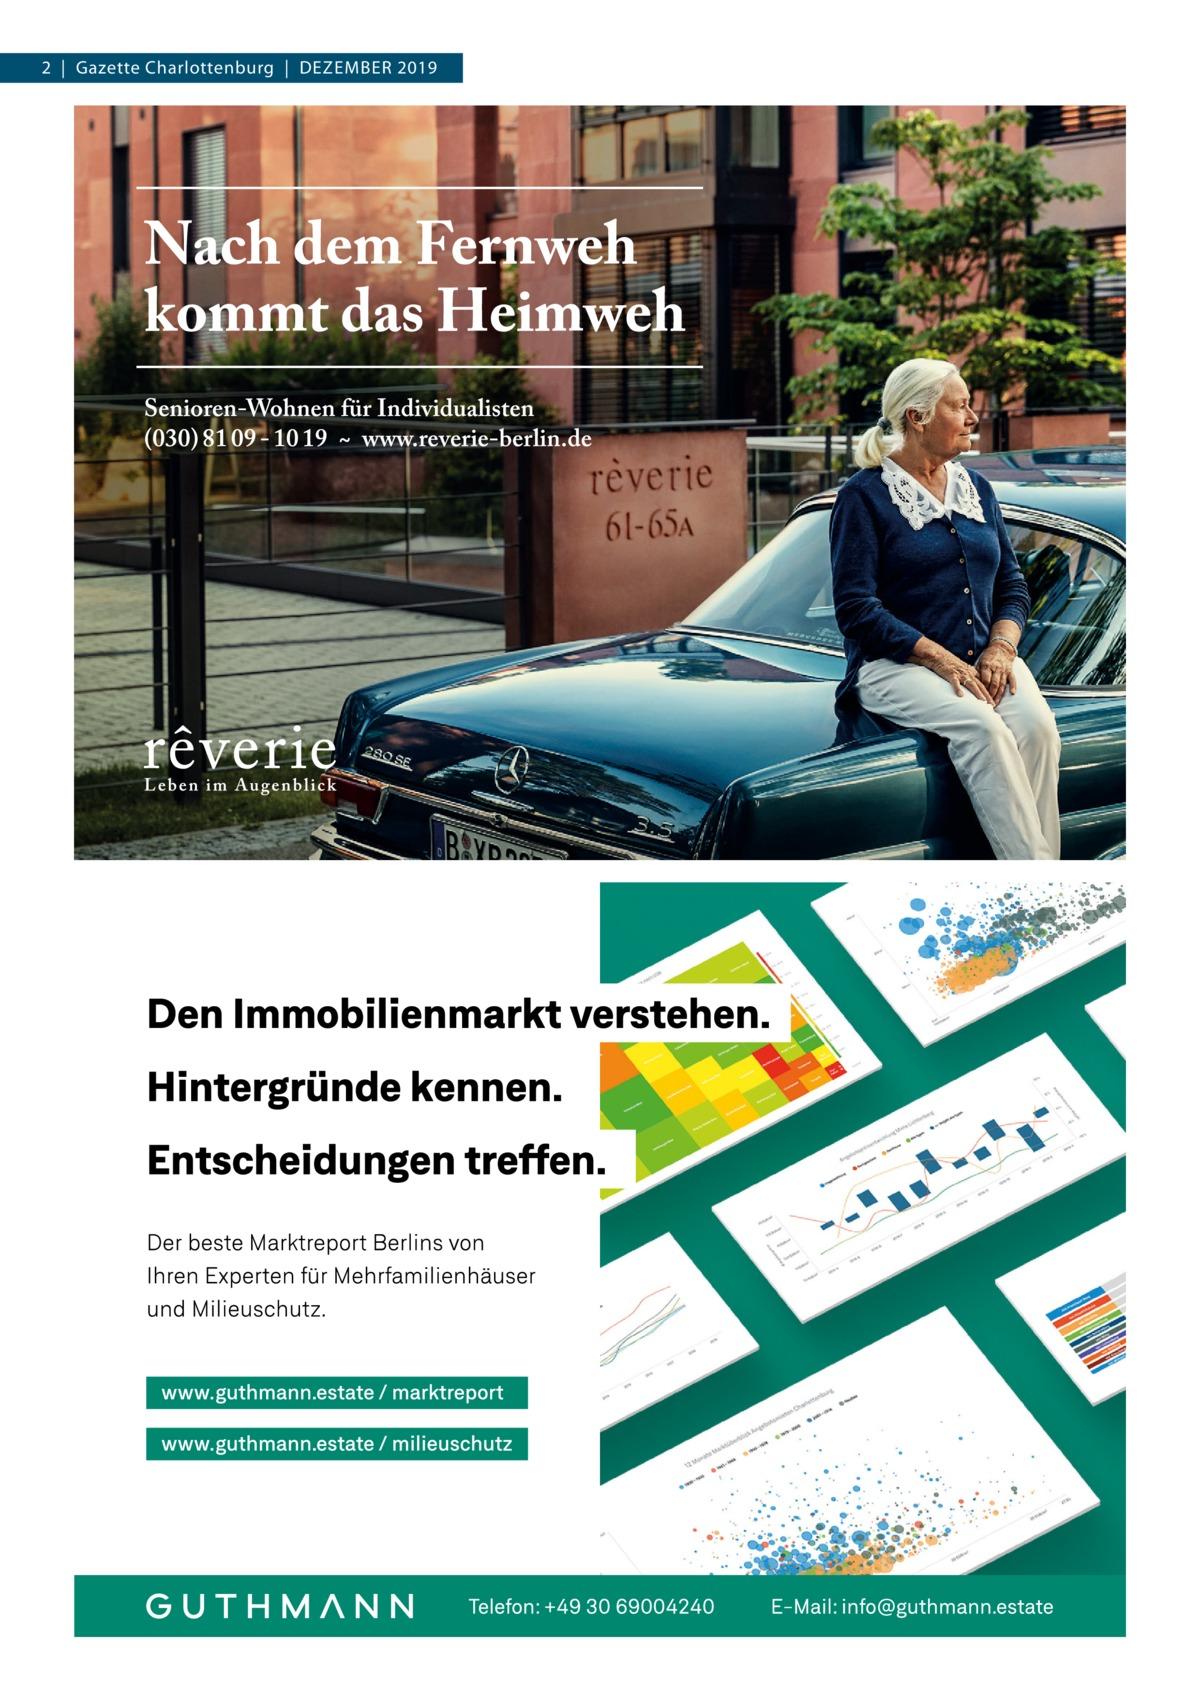 2|Gazette Charlottenburg|Dezember 2019